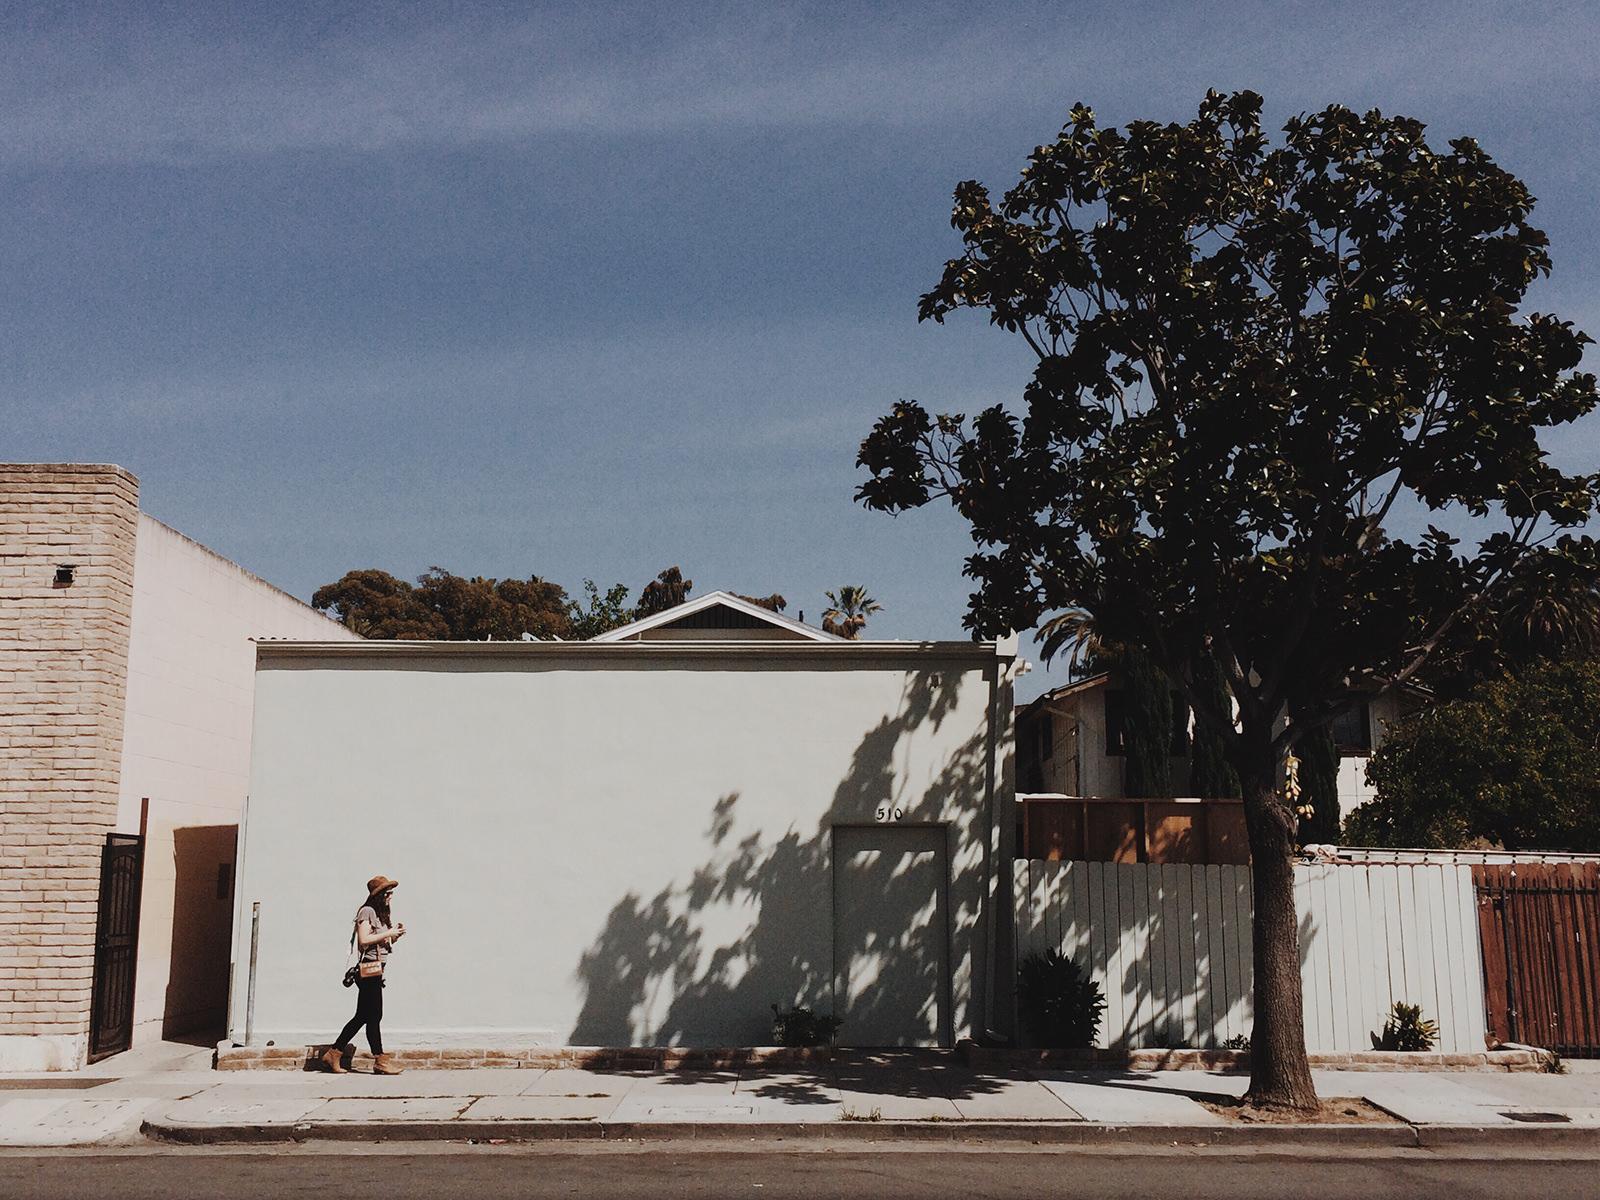 DT Santa Barbara